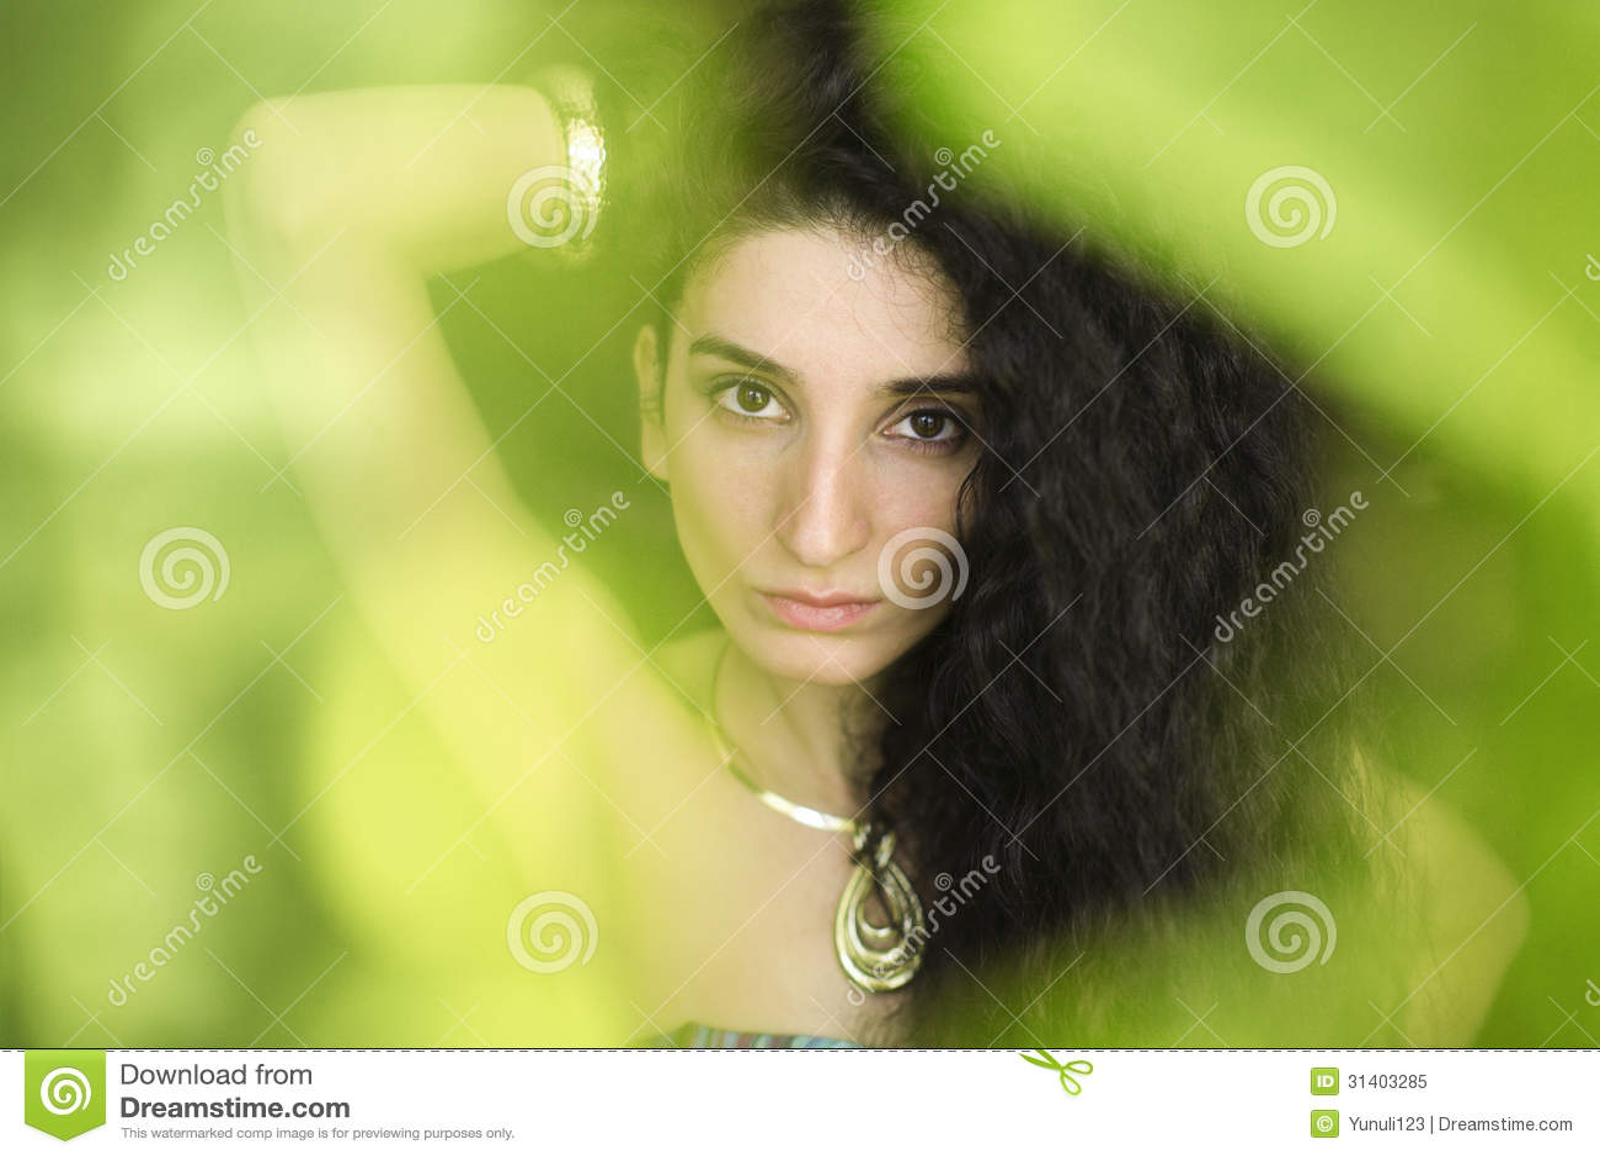 drummond brunette close - photo #40